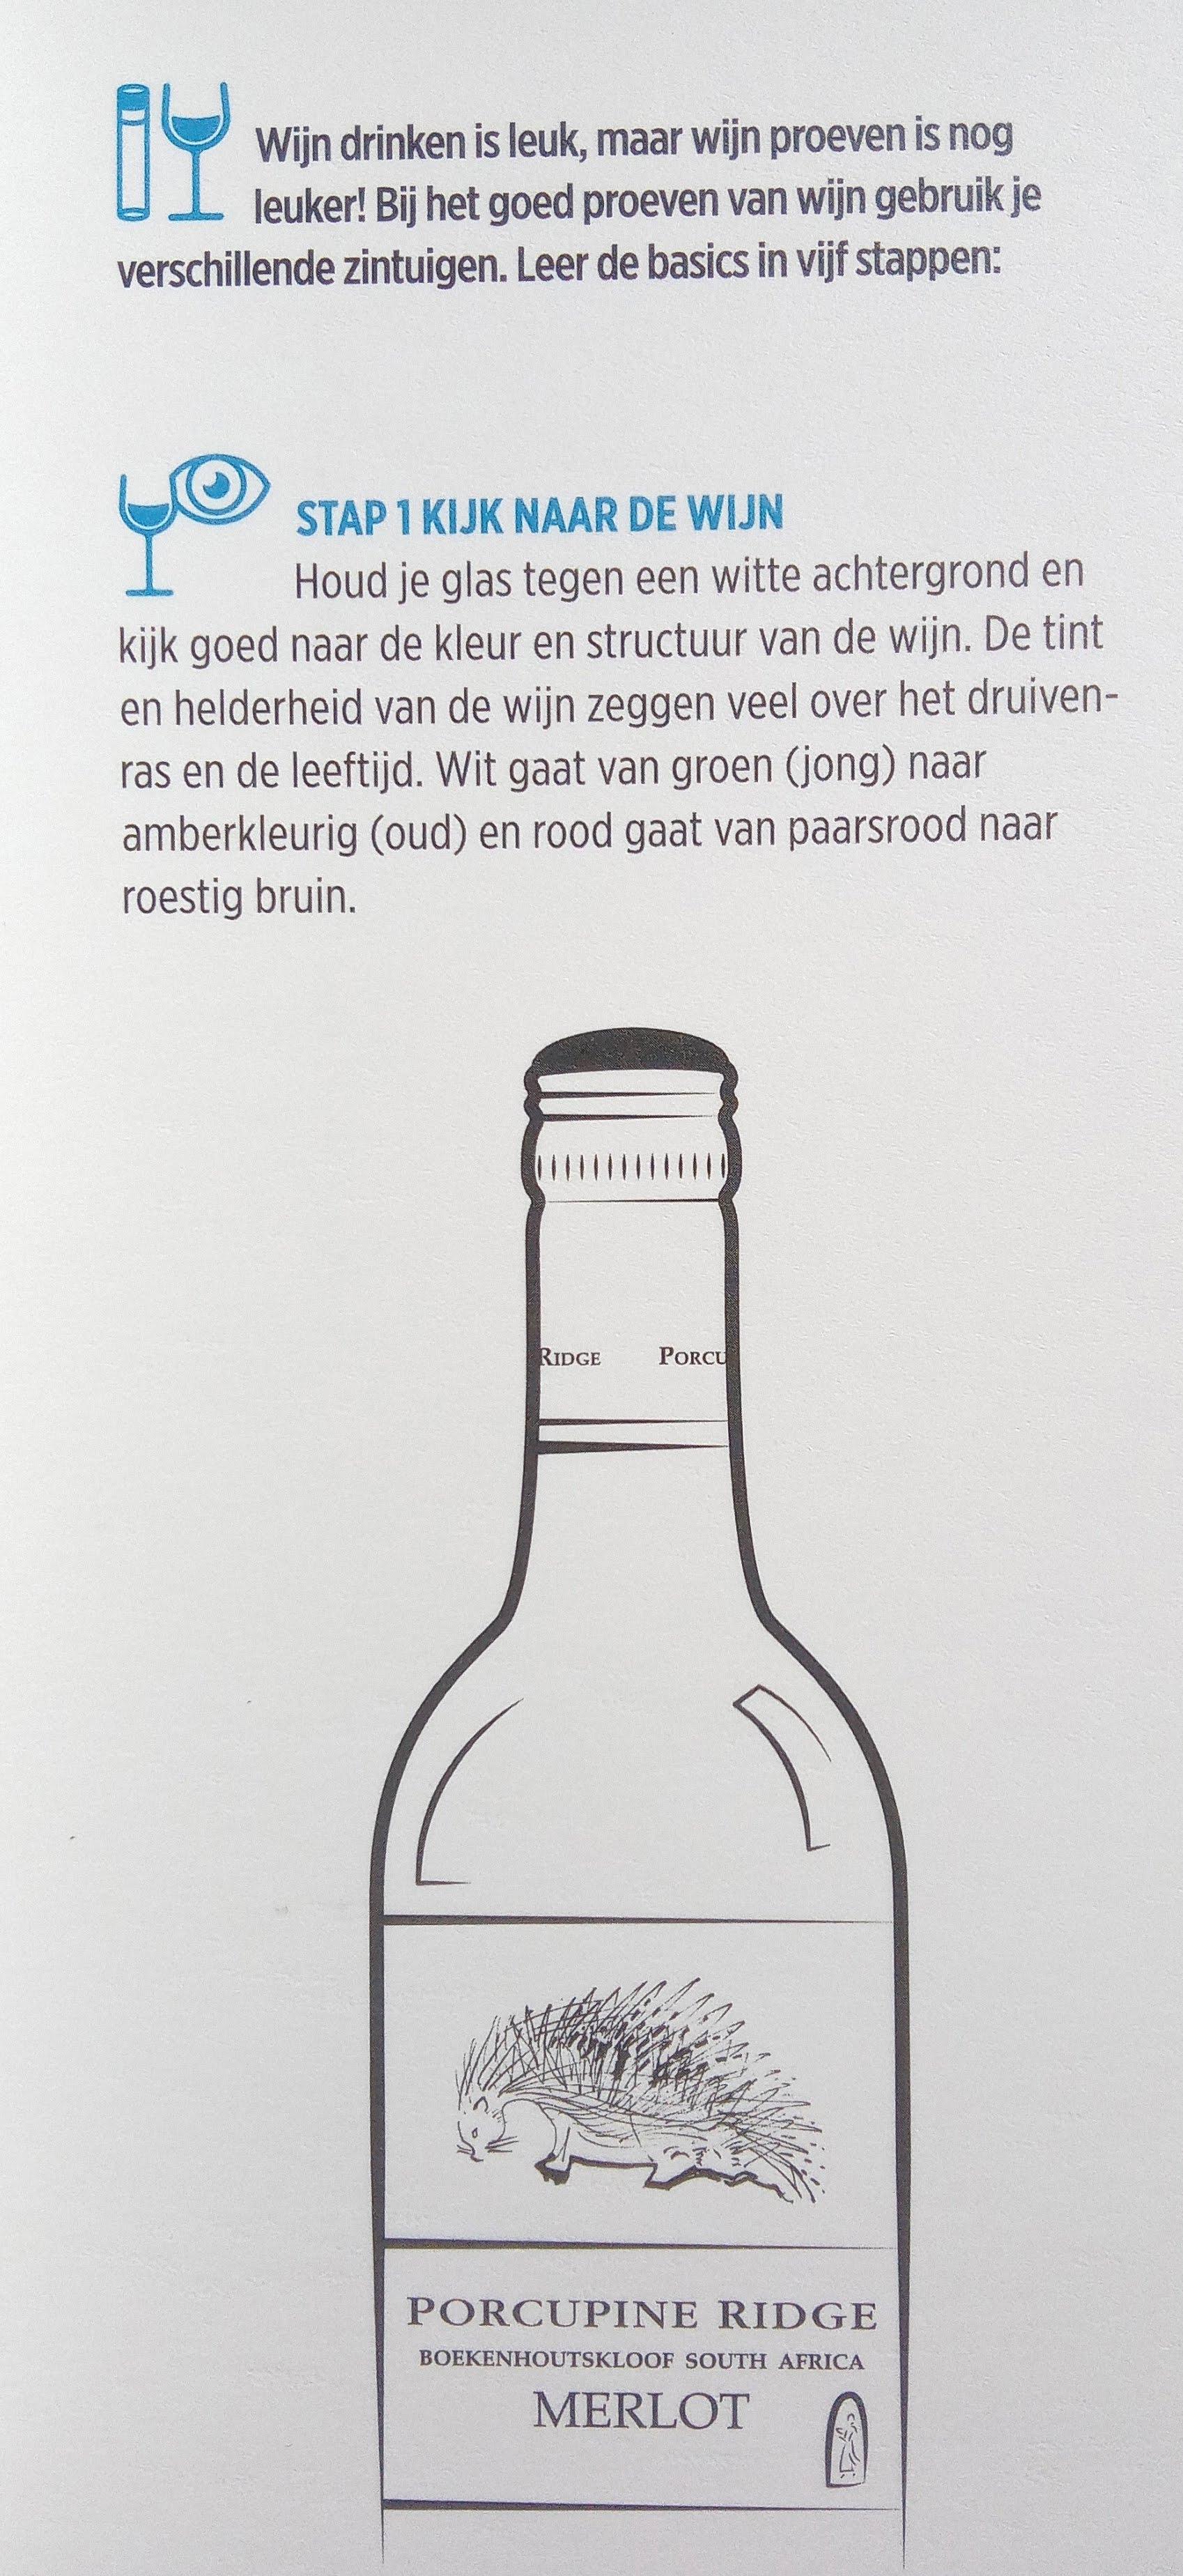 wijn drinken volgens albert heijn